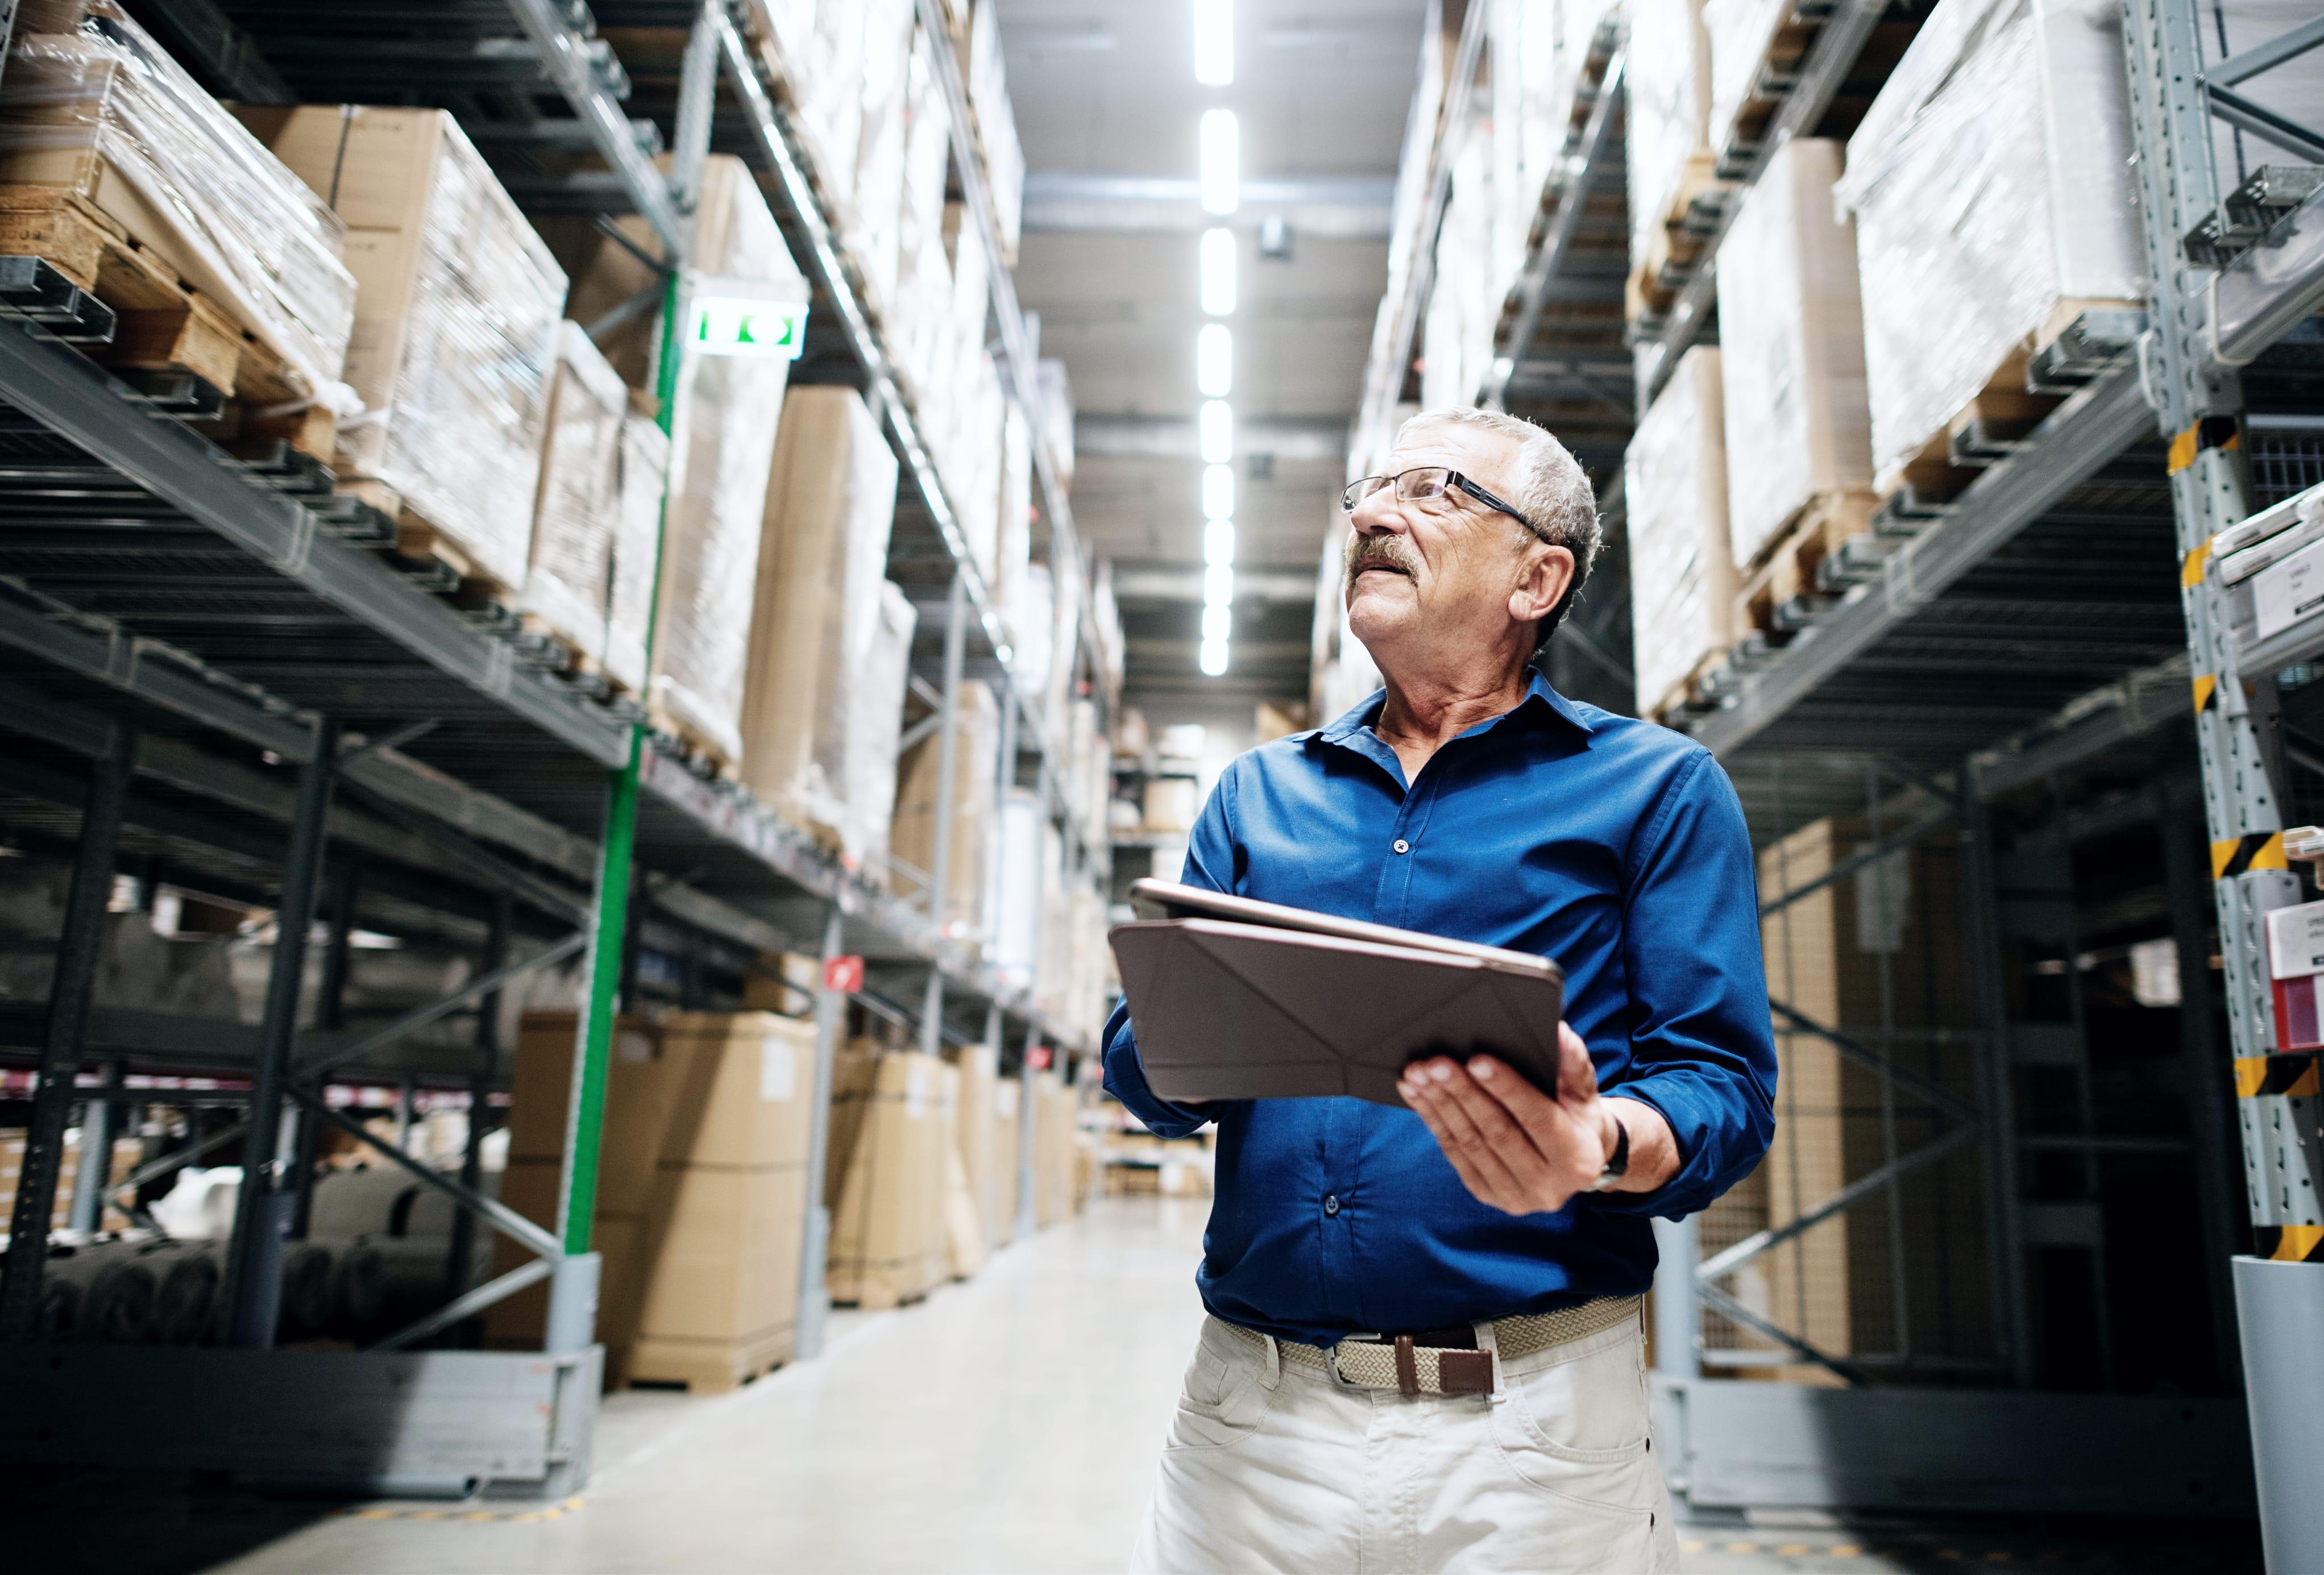 Guide: Avskrivning inventarier - Hantera avskrivningar i ditt företag